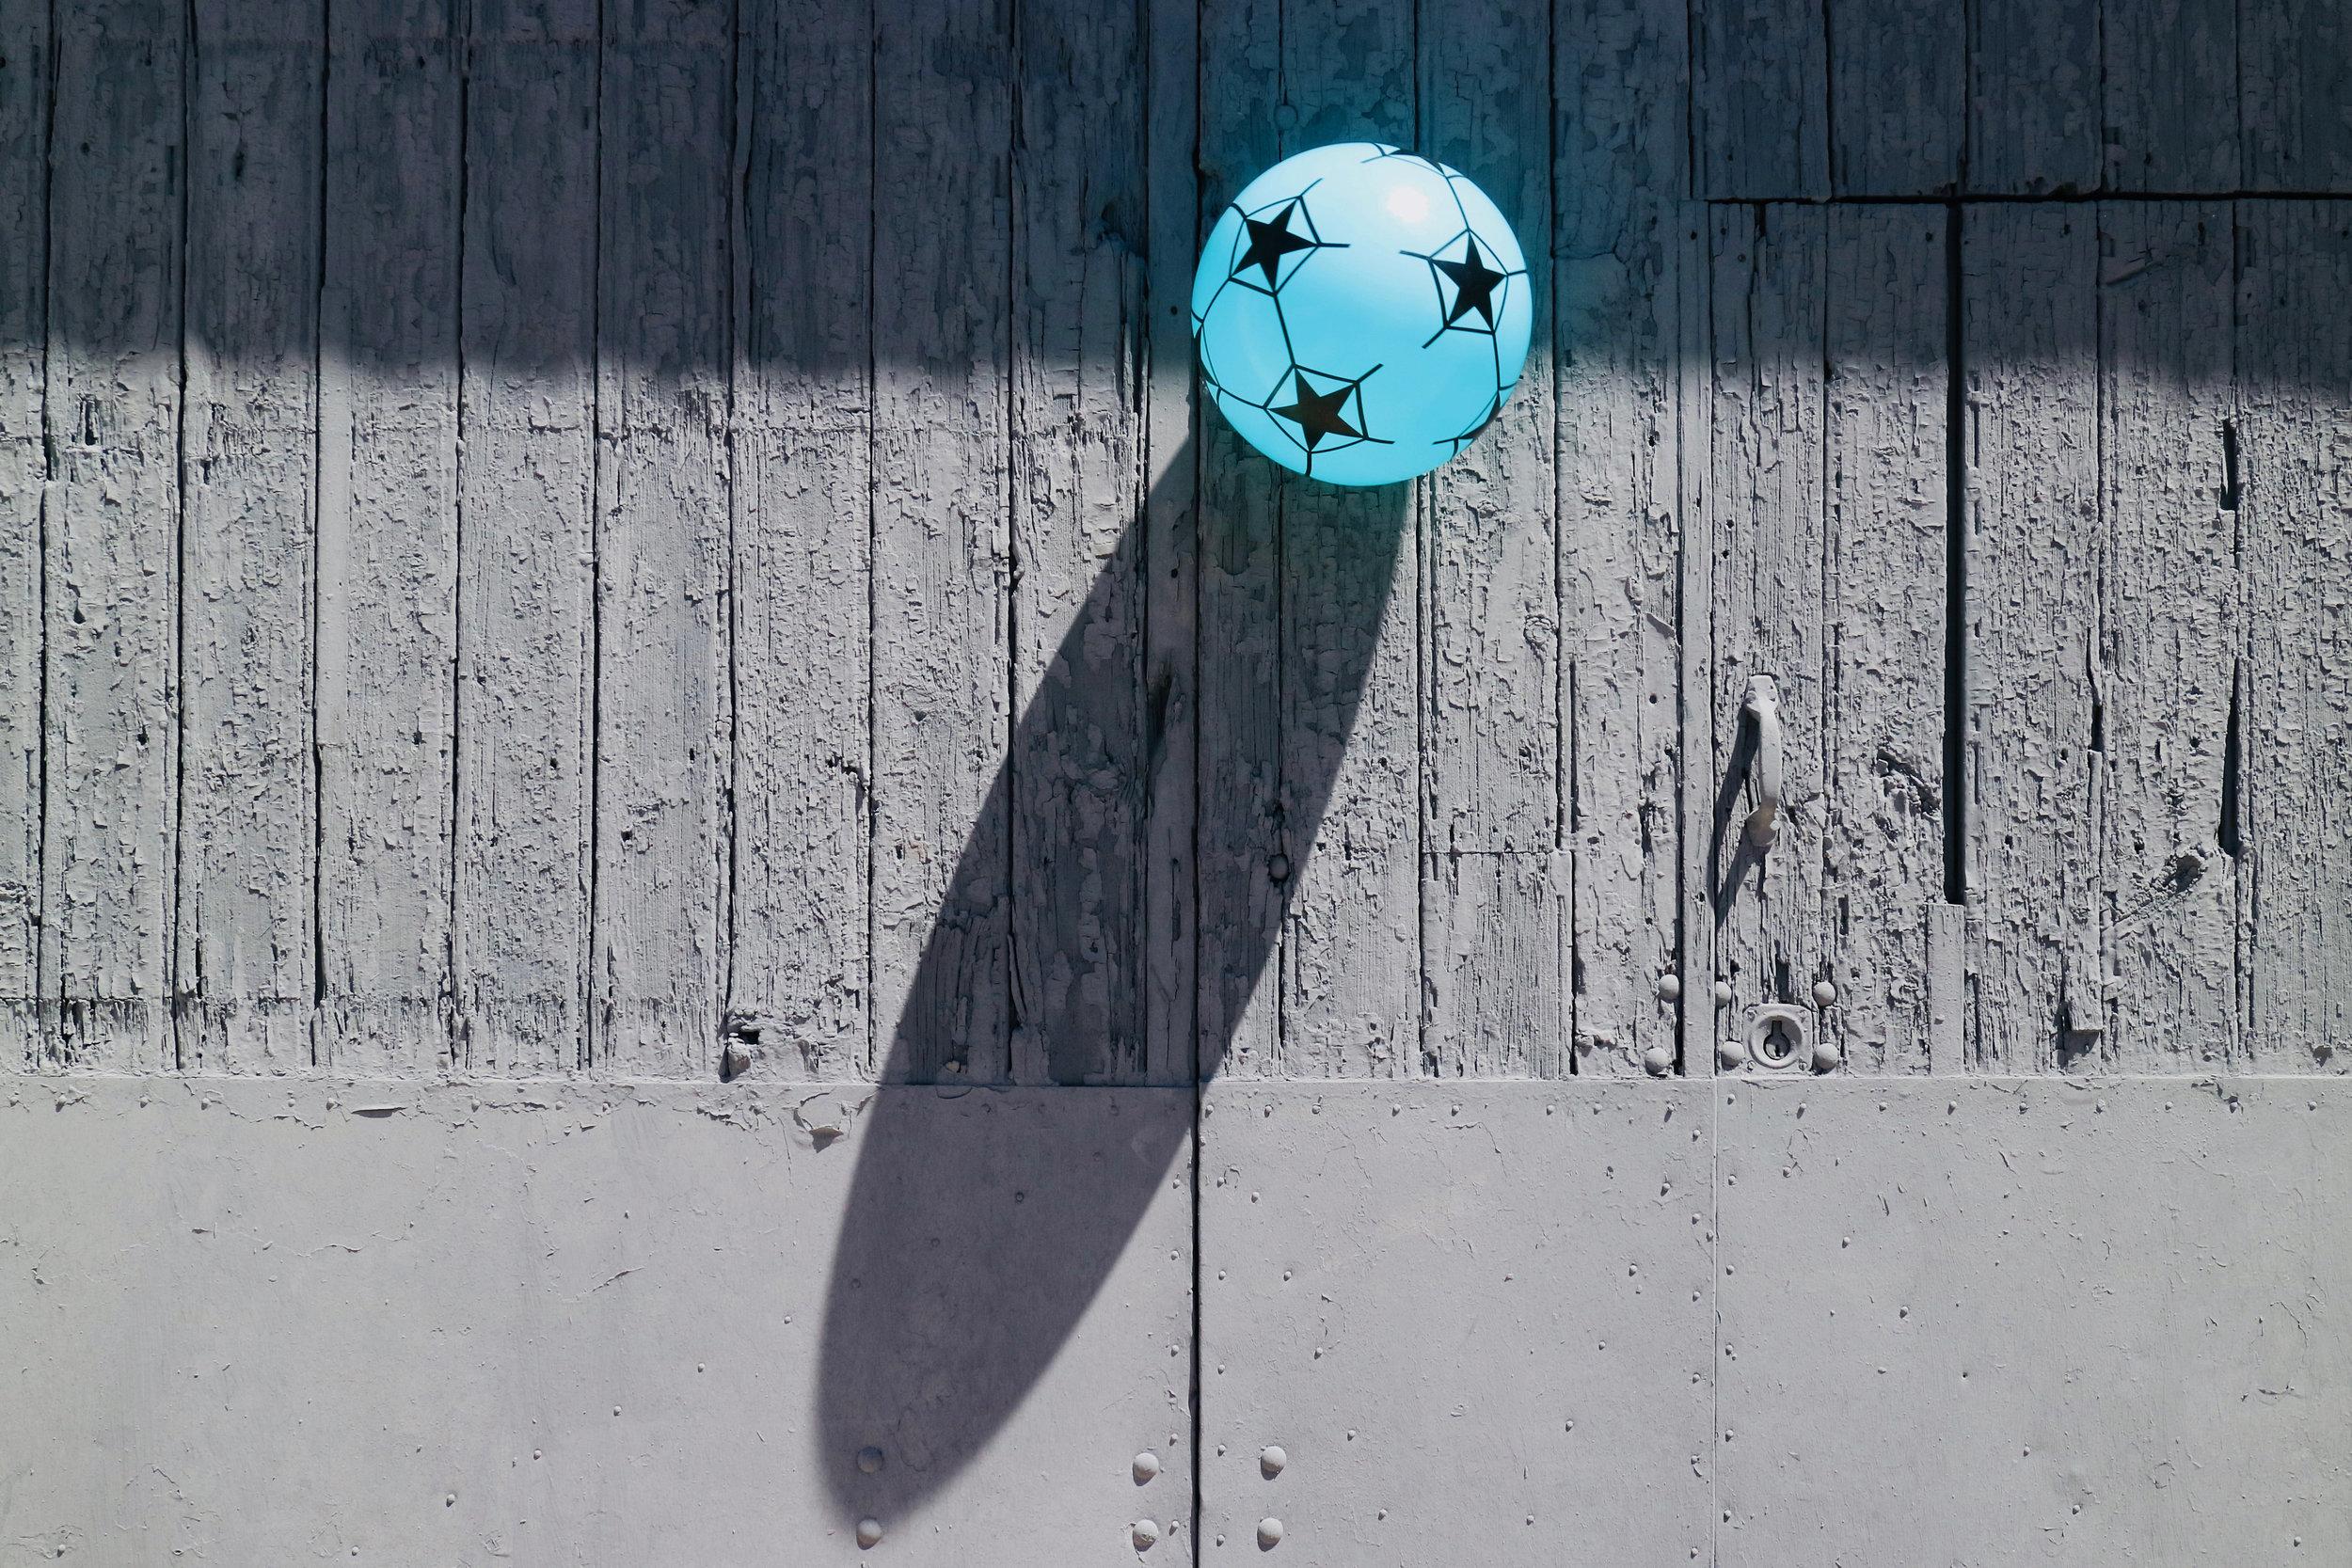 bola de estrellas  chiclana de la frontera / andalucía